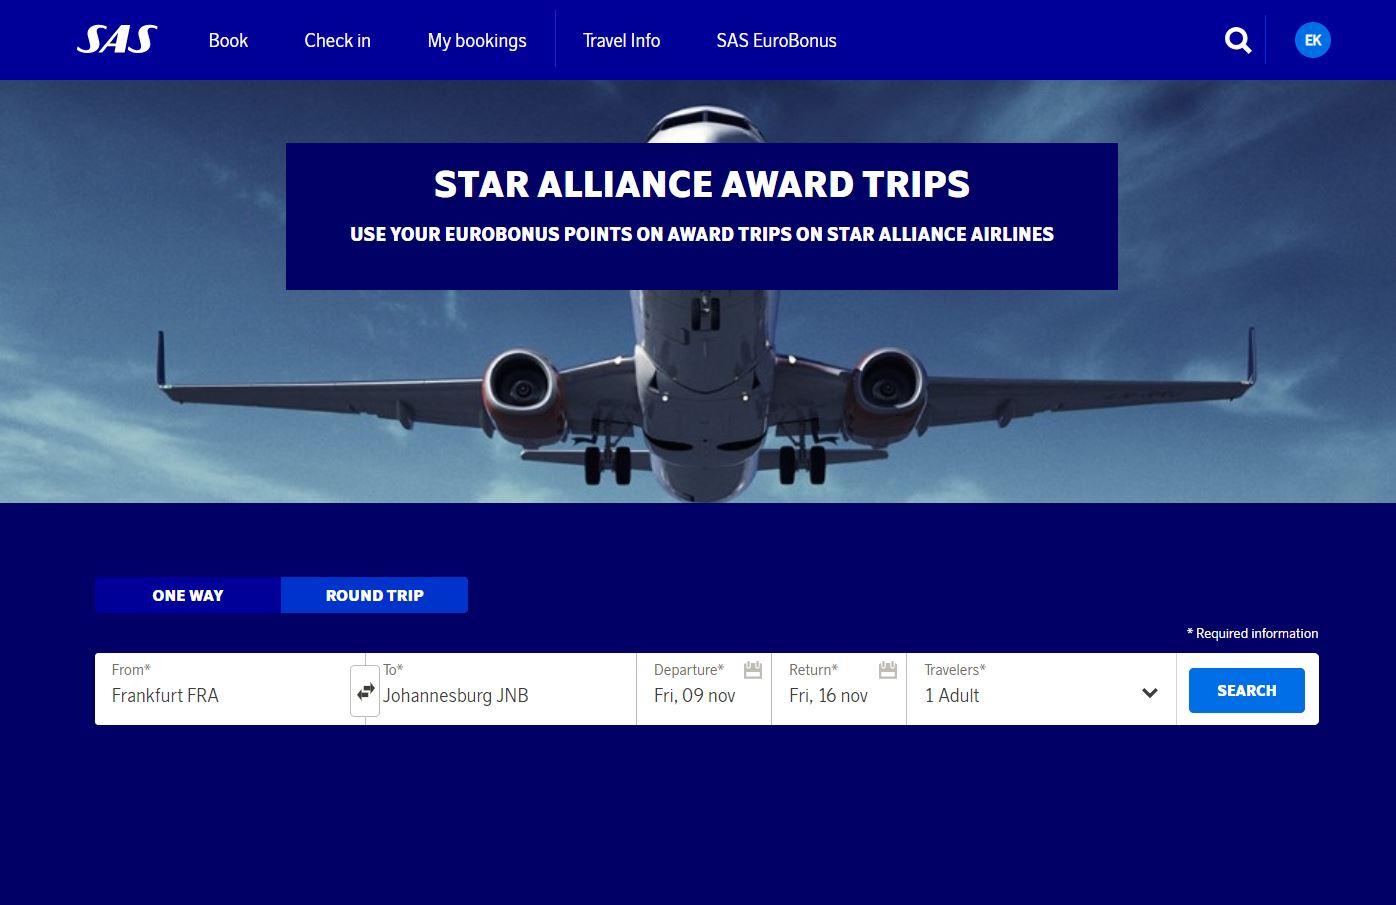 Star Alliance Award trips | SAS